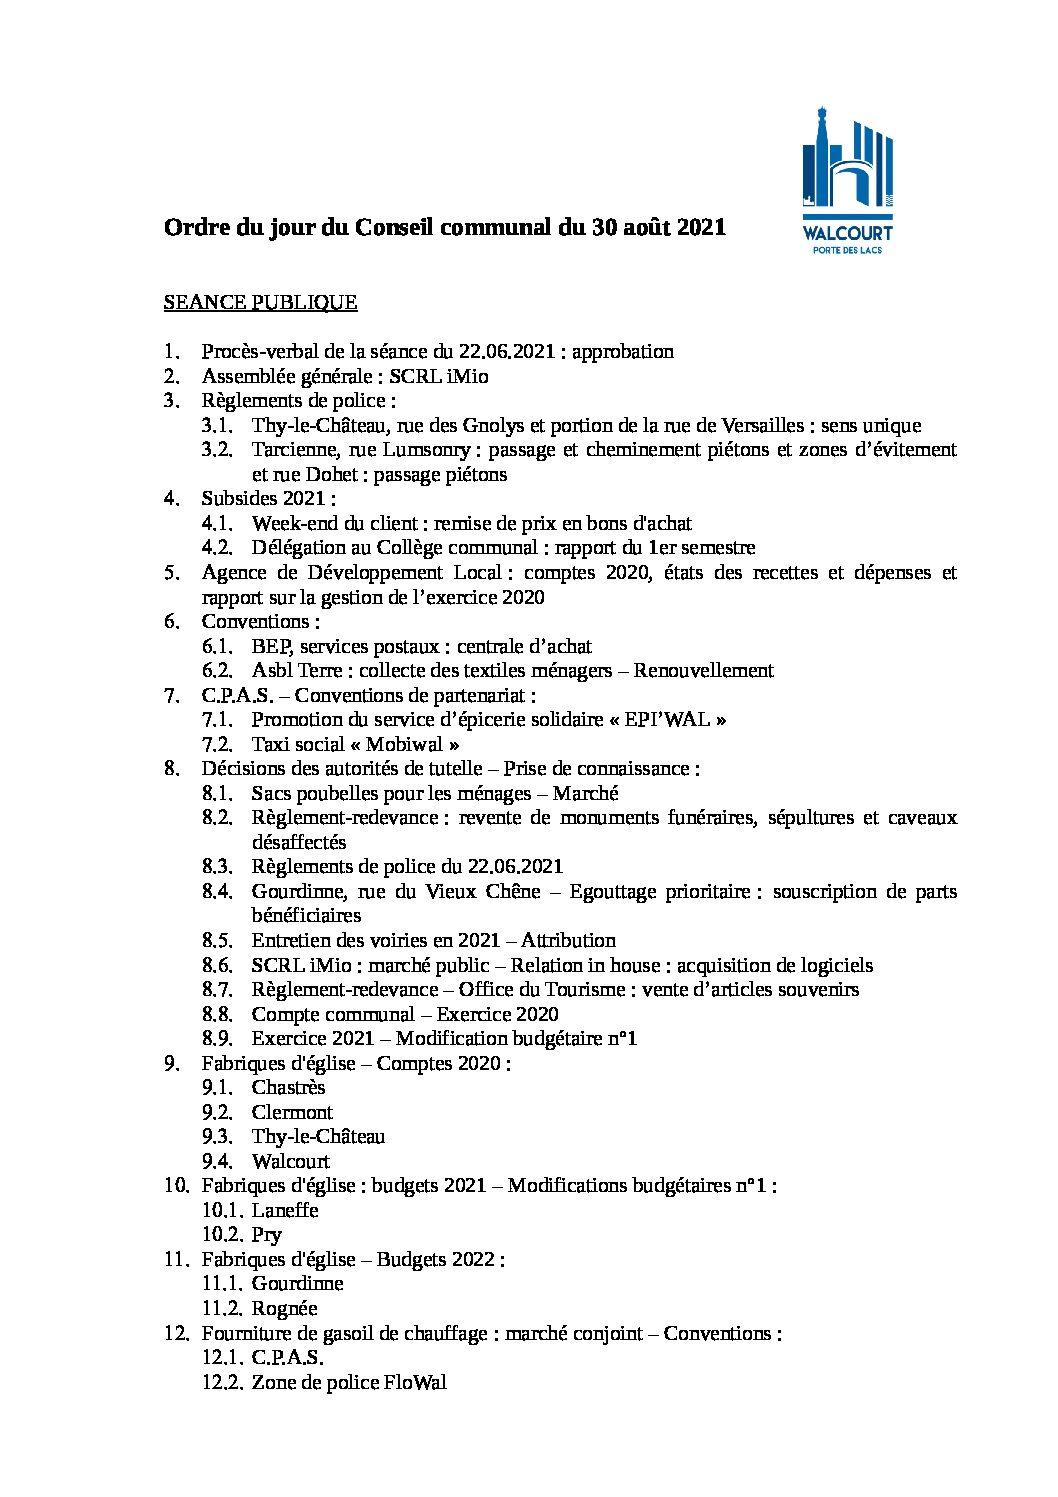 Ordre du jour – Conseil communal du 30 août 2021